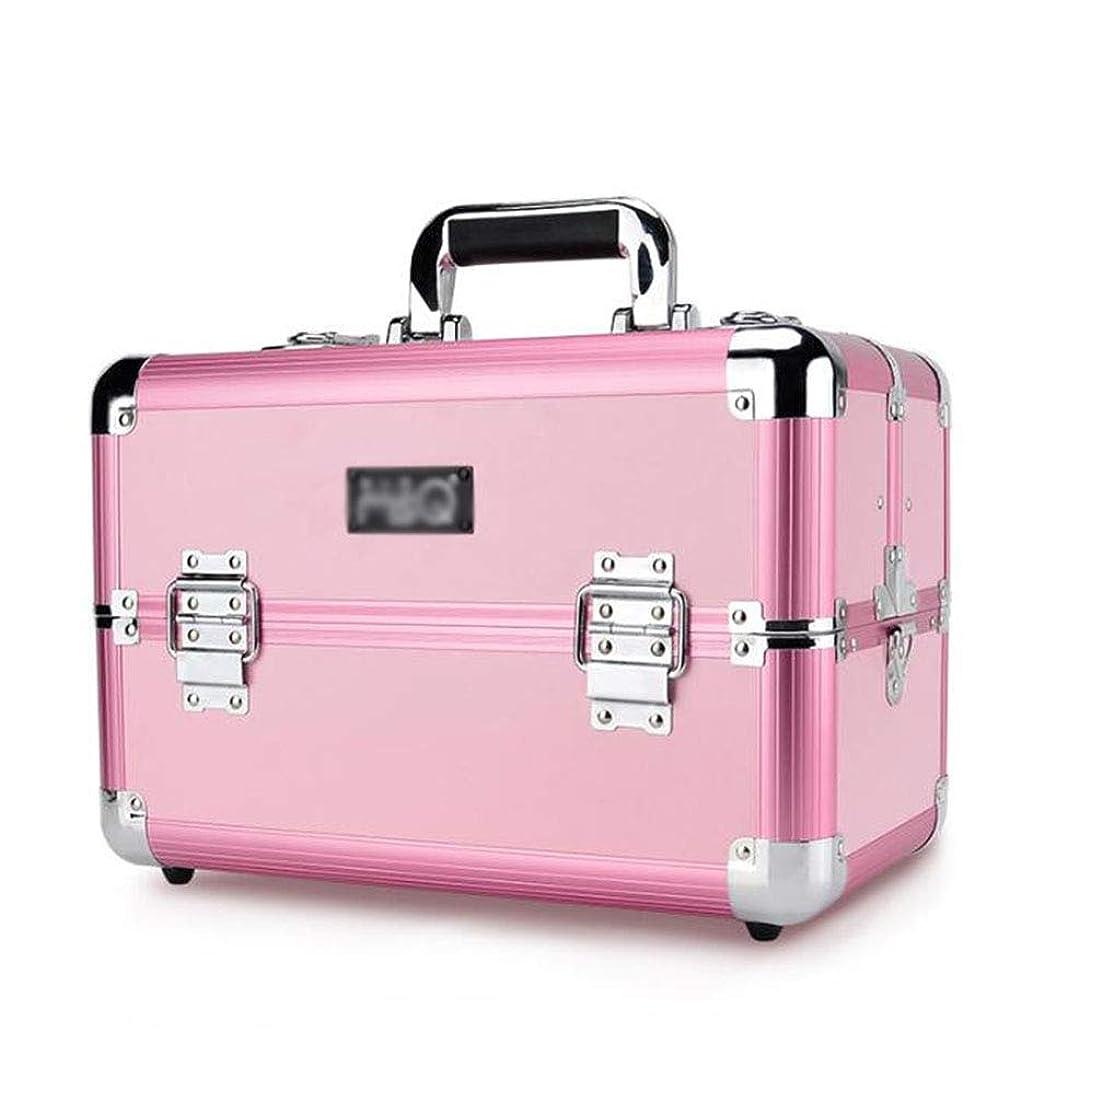 それオセアニア競合他社選手BUMC プロのアルミ化粧品ケースメイクアップトロリー列車テーブル虚栄心のための美容師特大旅行ジュエリーボックスオーガナイザー,Pink